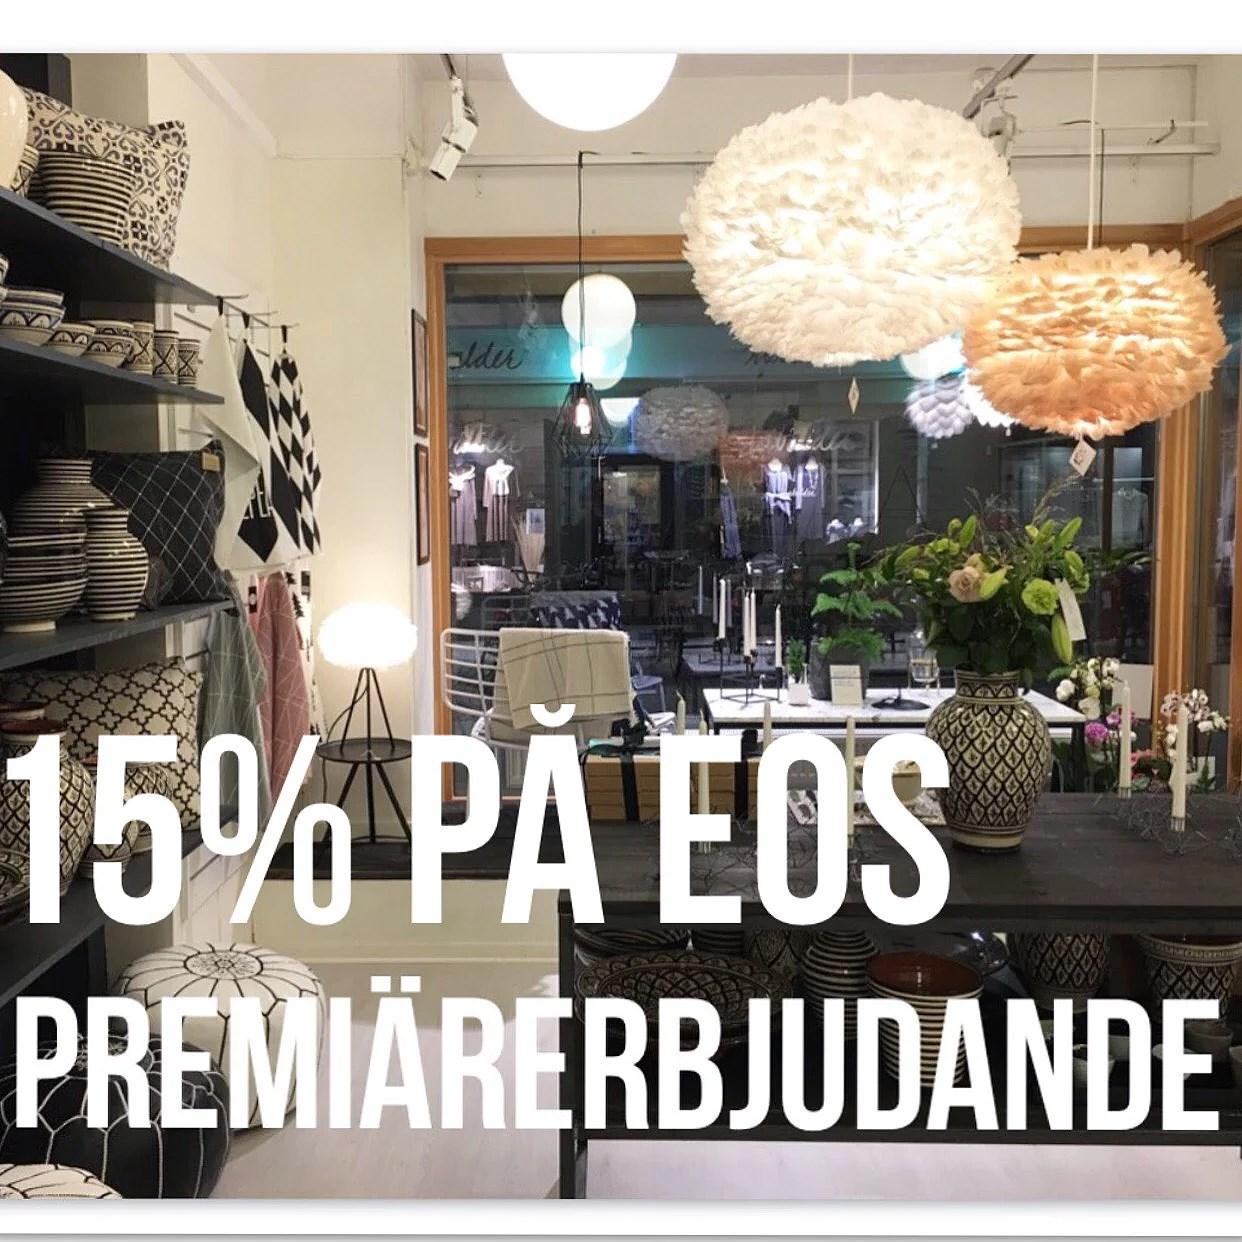 Premiärerbjudande , 15% på eos